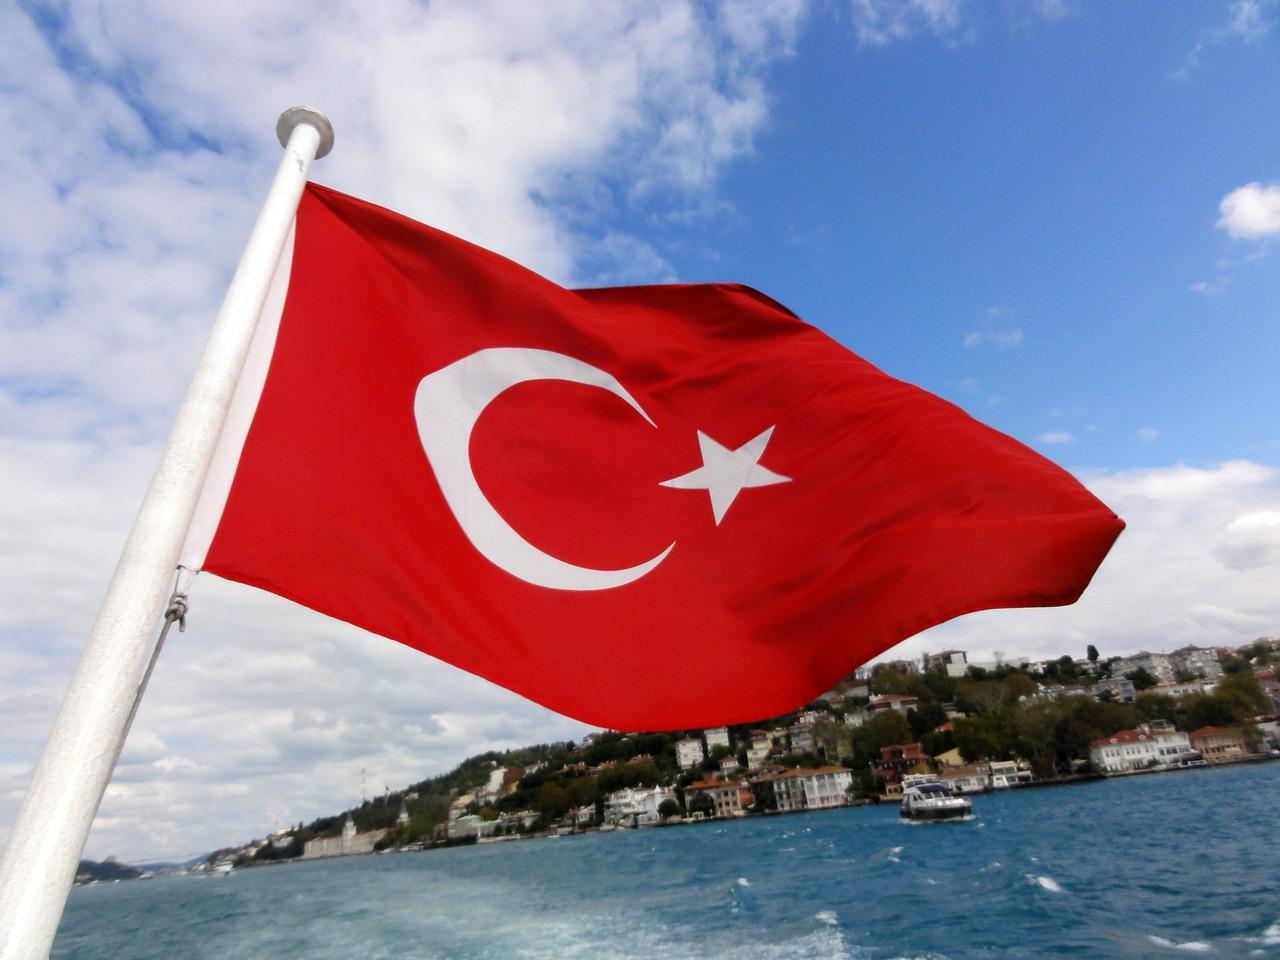 Турция Стамбул Константинополь - Бесплатное фото на Pixabay